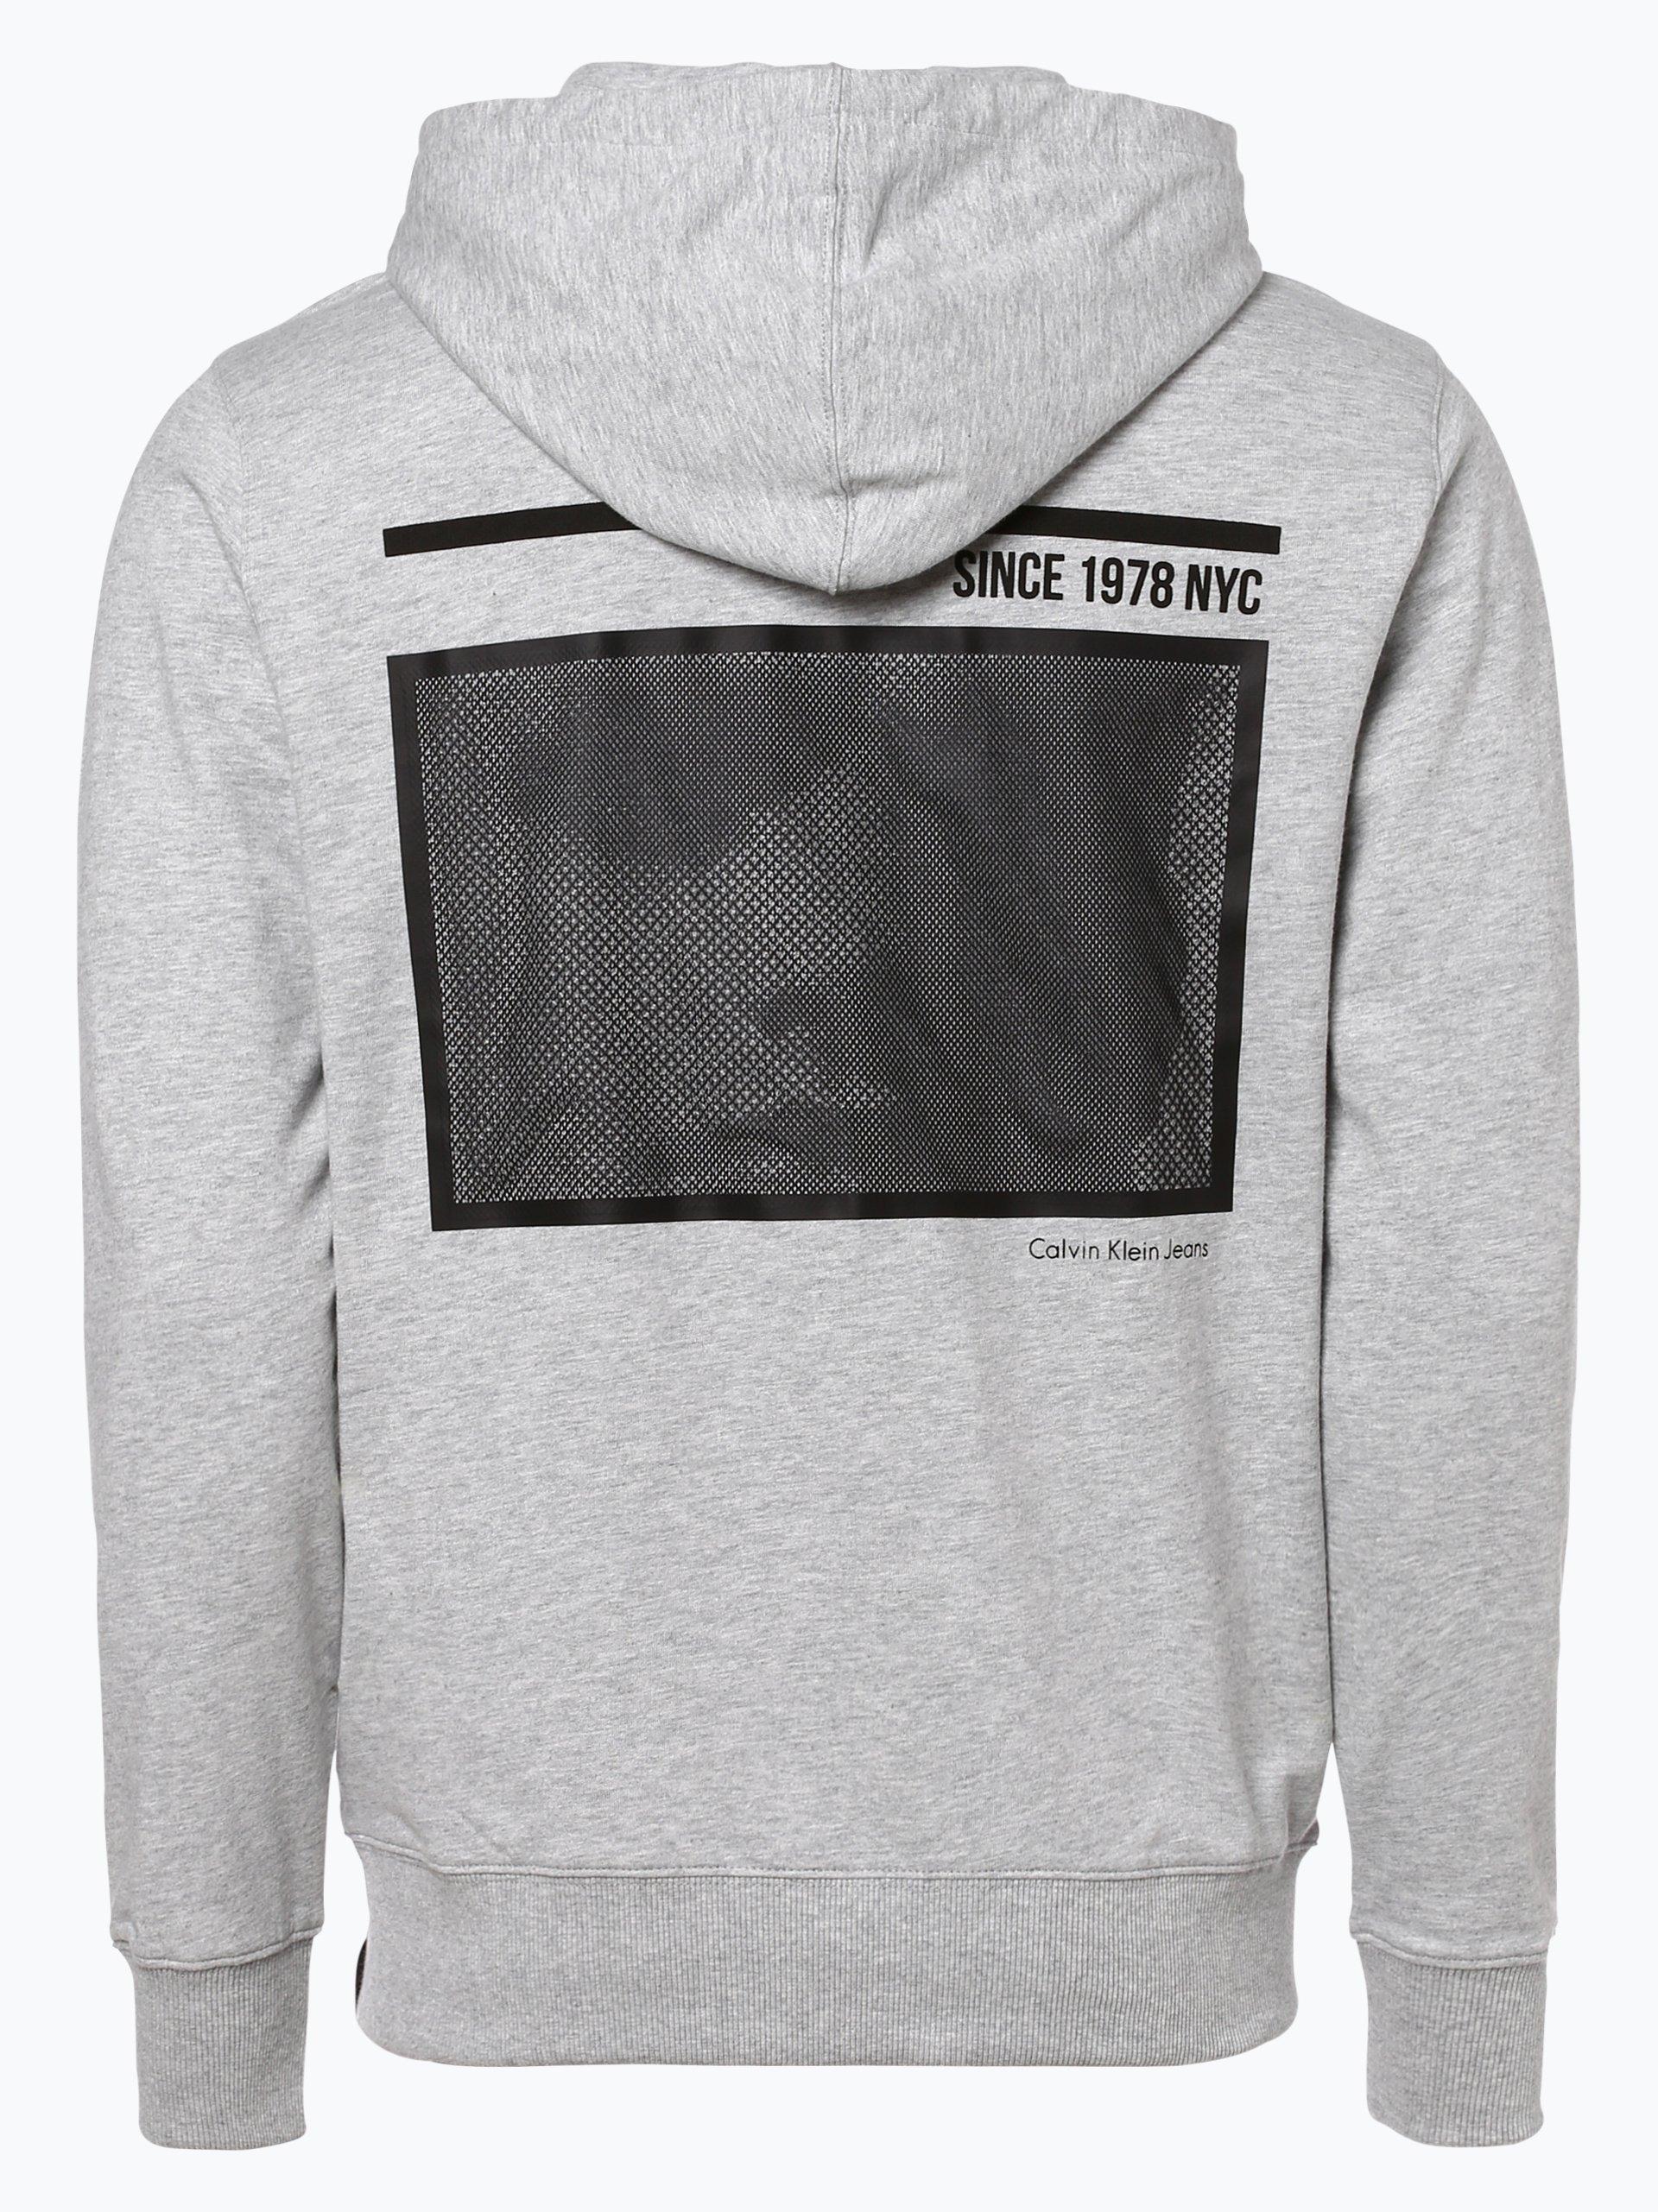 Calvin Klein Jeans Herren Sweatjacke